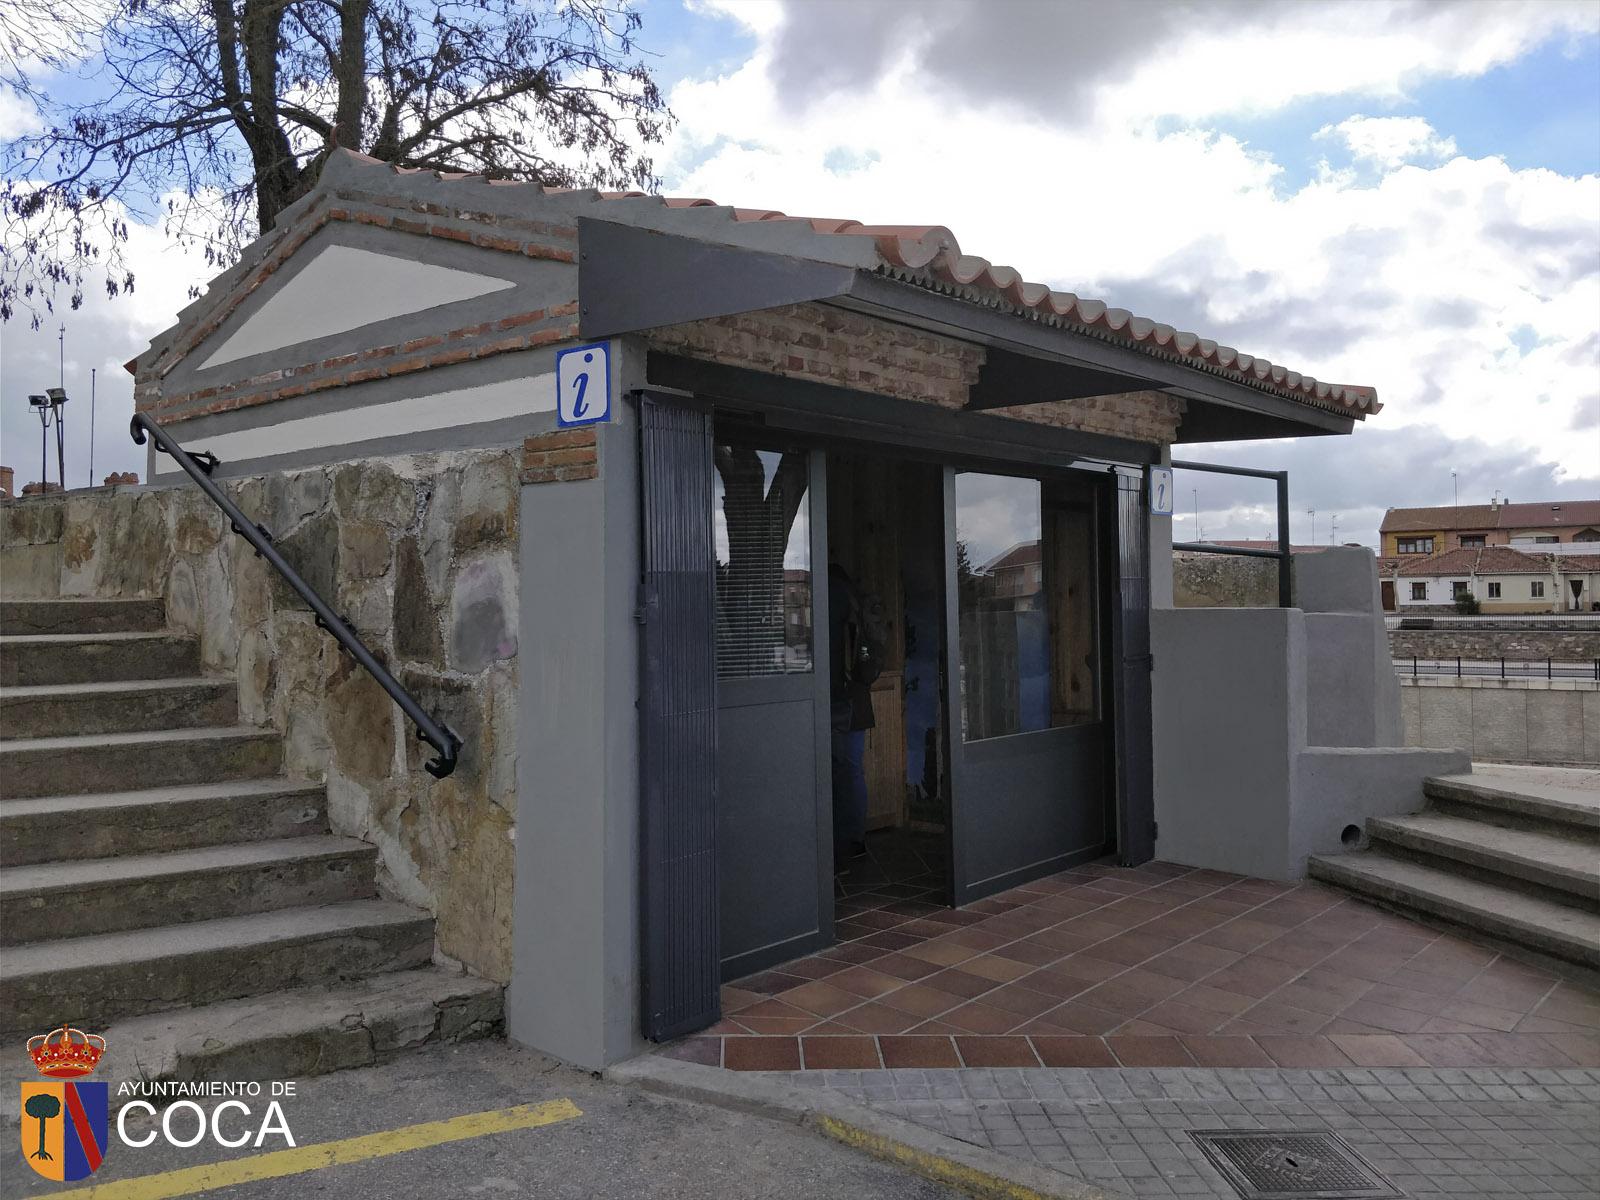 P gina web oficial del ayuntamiento de coca segovia coca por fin disfruta de su oficina de - Oficina turismo segovia ...